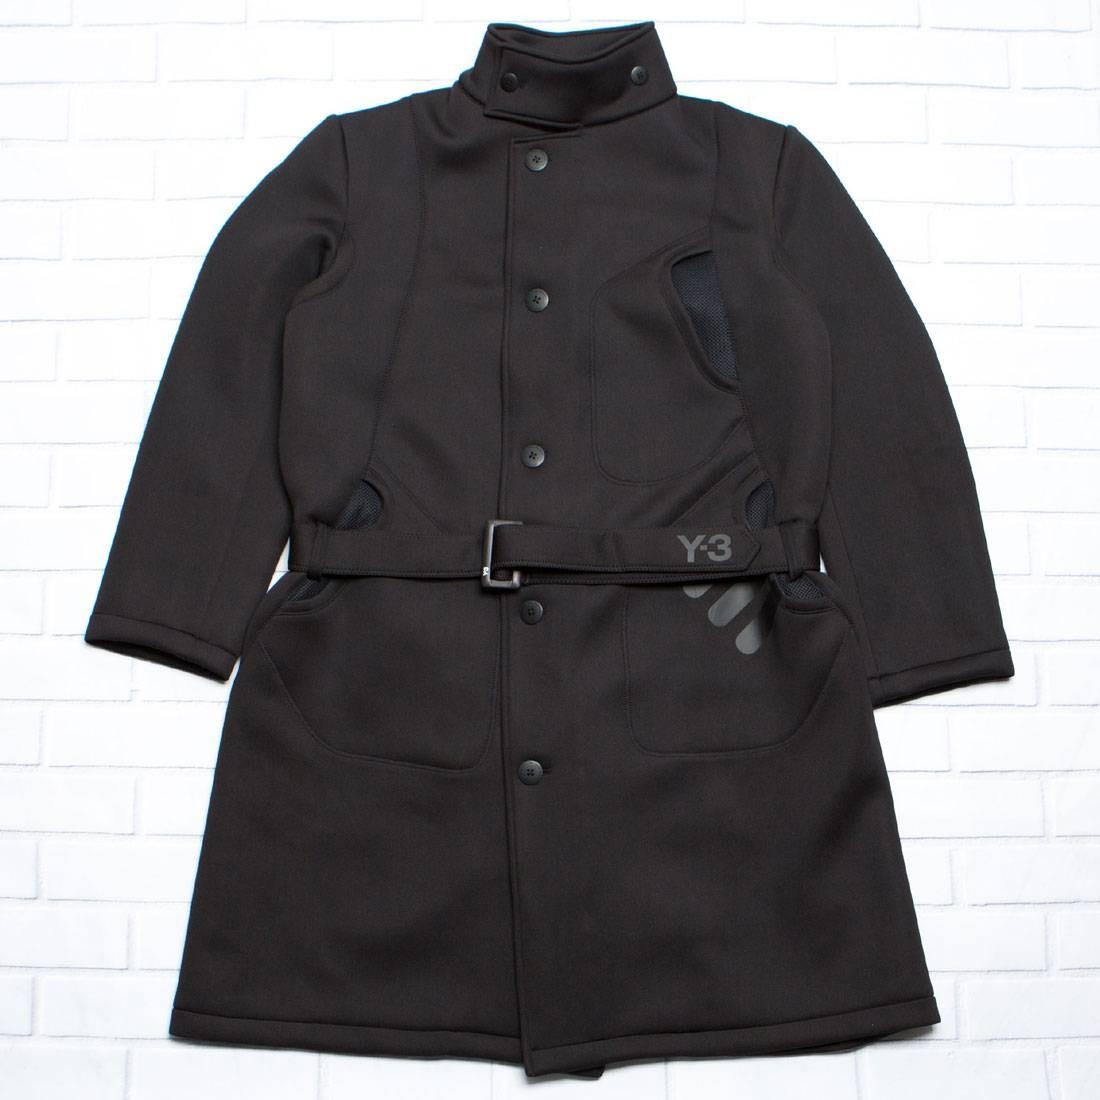 Adidas Y-3 Men FS Coat Jacket (black)